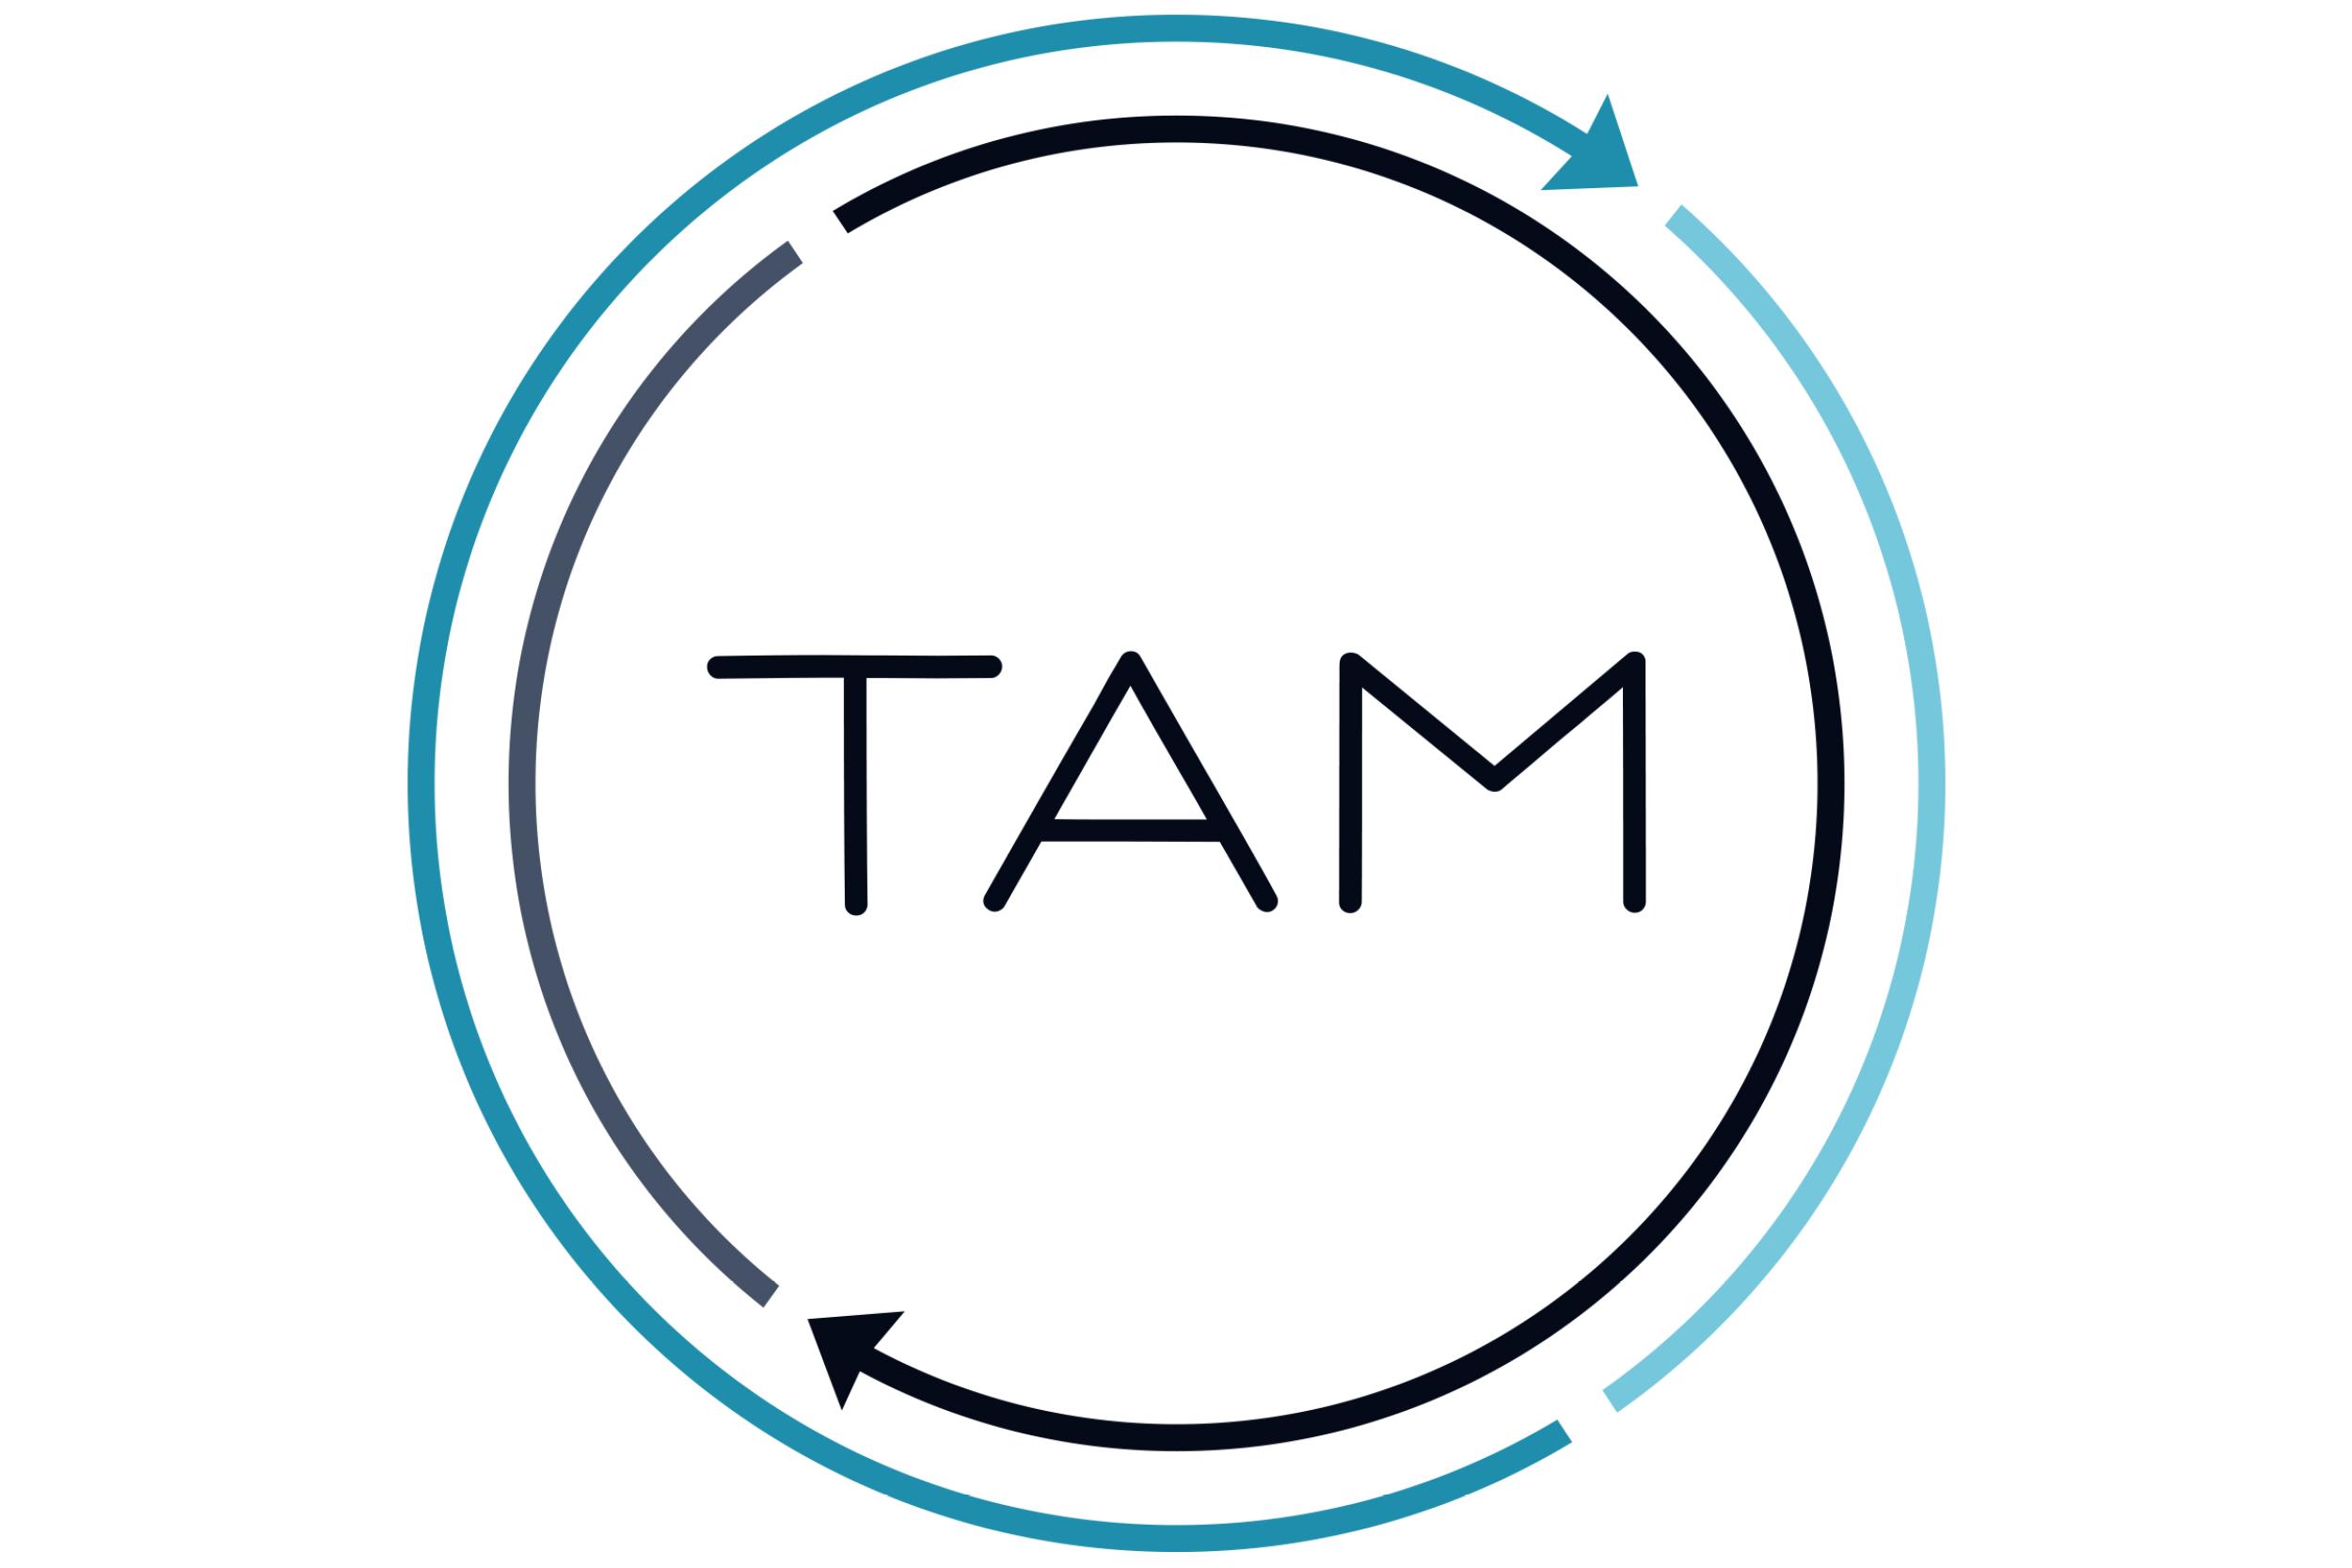 Tam_400x600